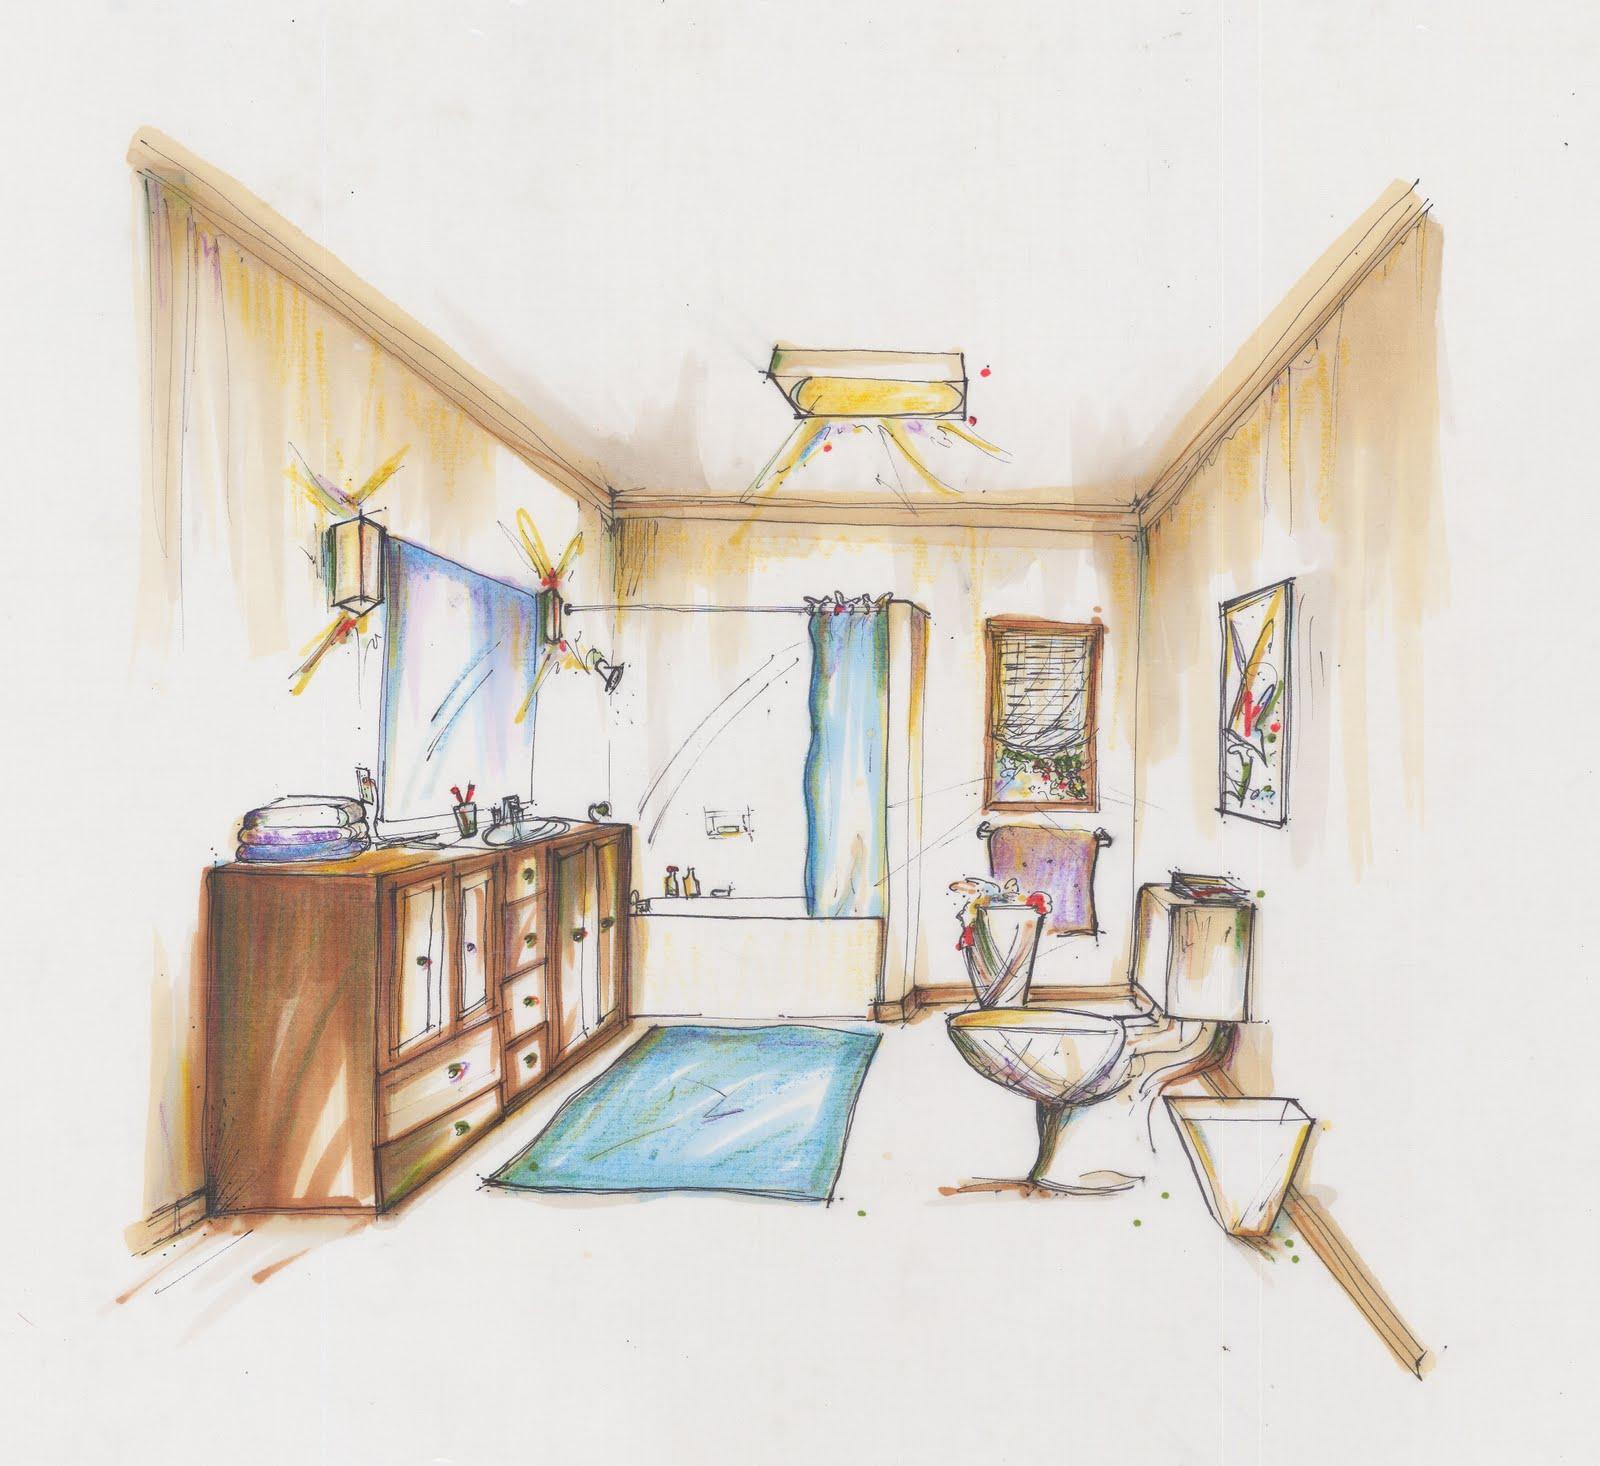 Ariel's Interior Design Portfolio: Habitat for Humanity